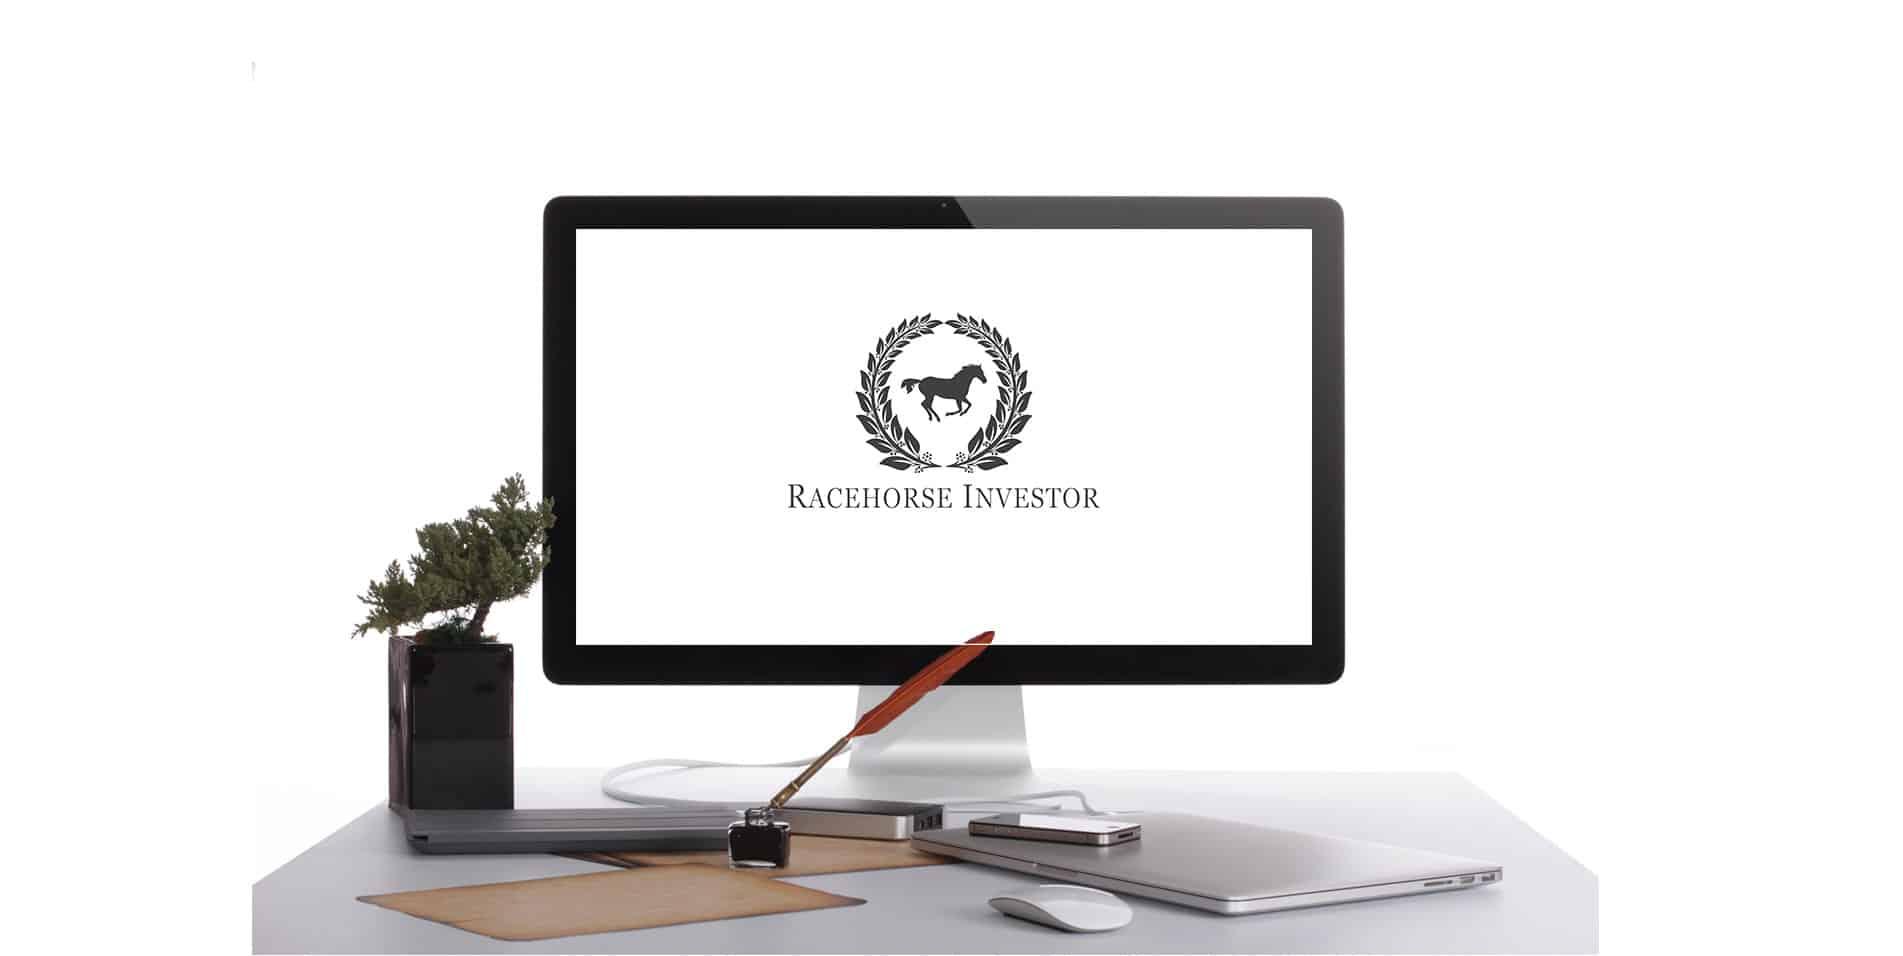 racehorse-invstor-portfolio-images-2